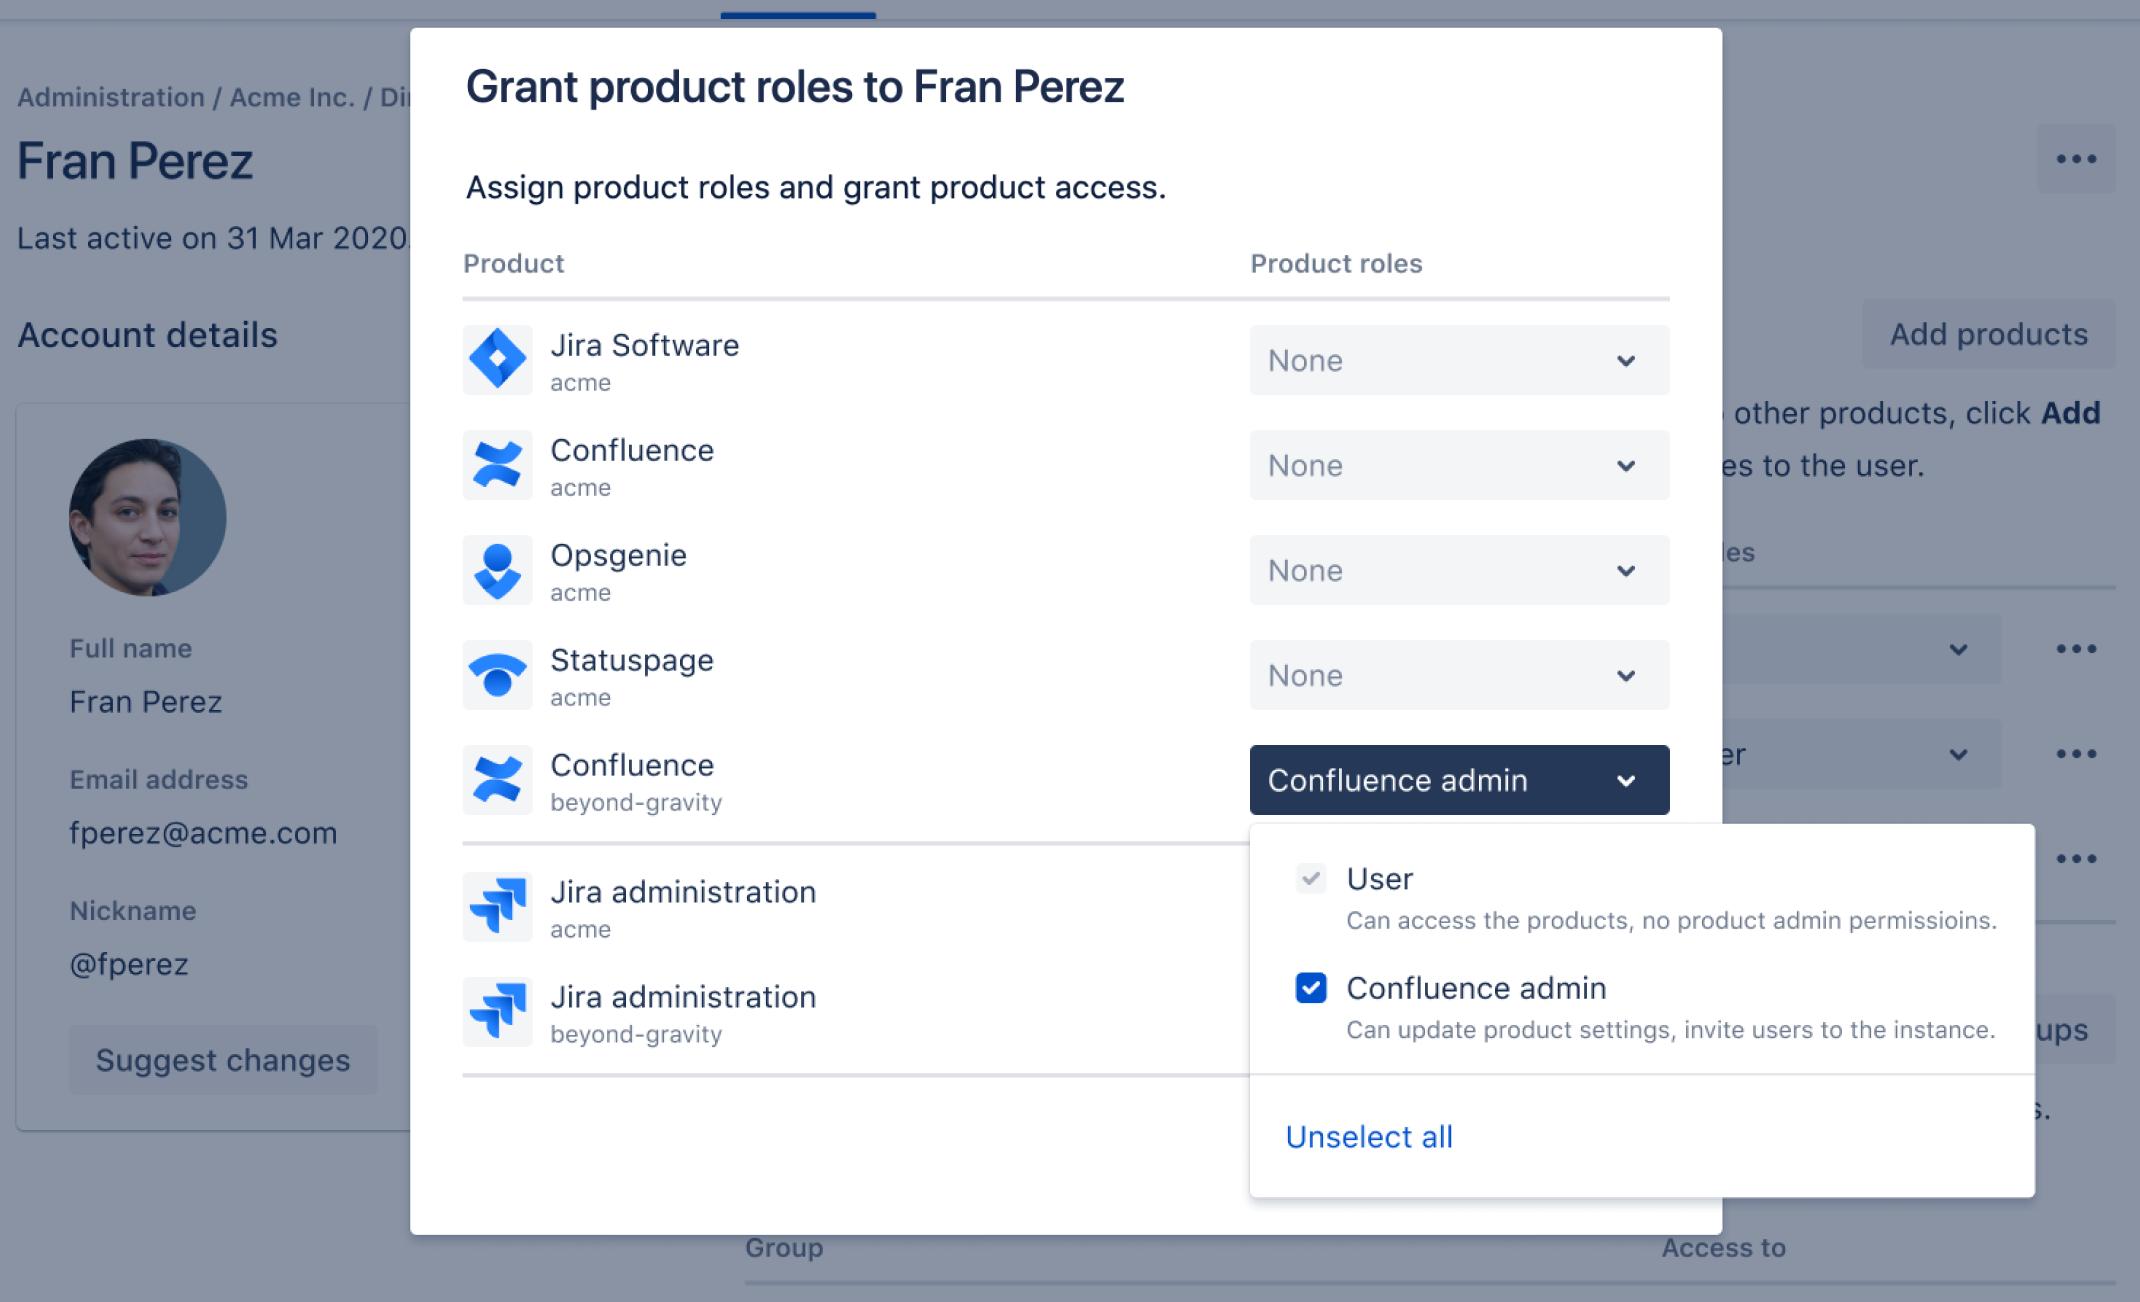 ユーザーに製品へのアクセス権を付与する